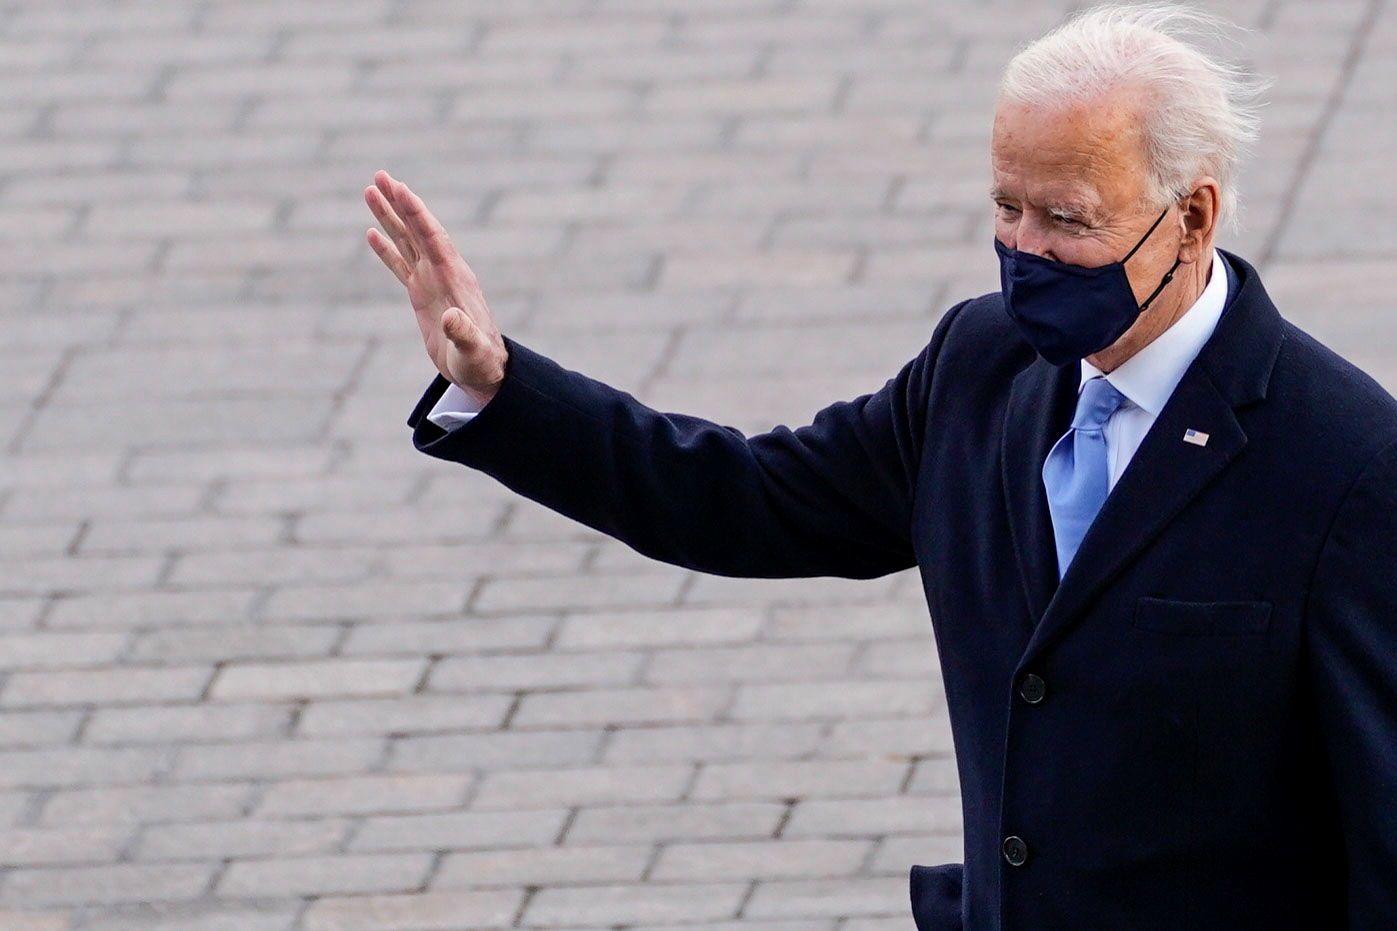 Vista del presidente de EE.UU., Joe Biden, al salir de su ceremonia de investidura, este 20 de enero de 2021, en Washington. EFE/Melina Mara